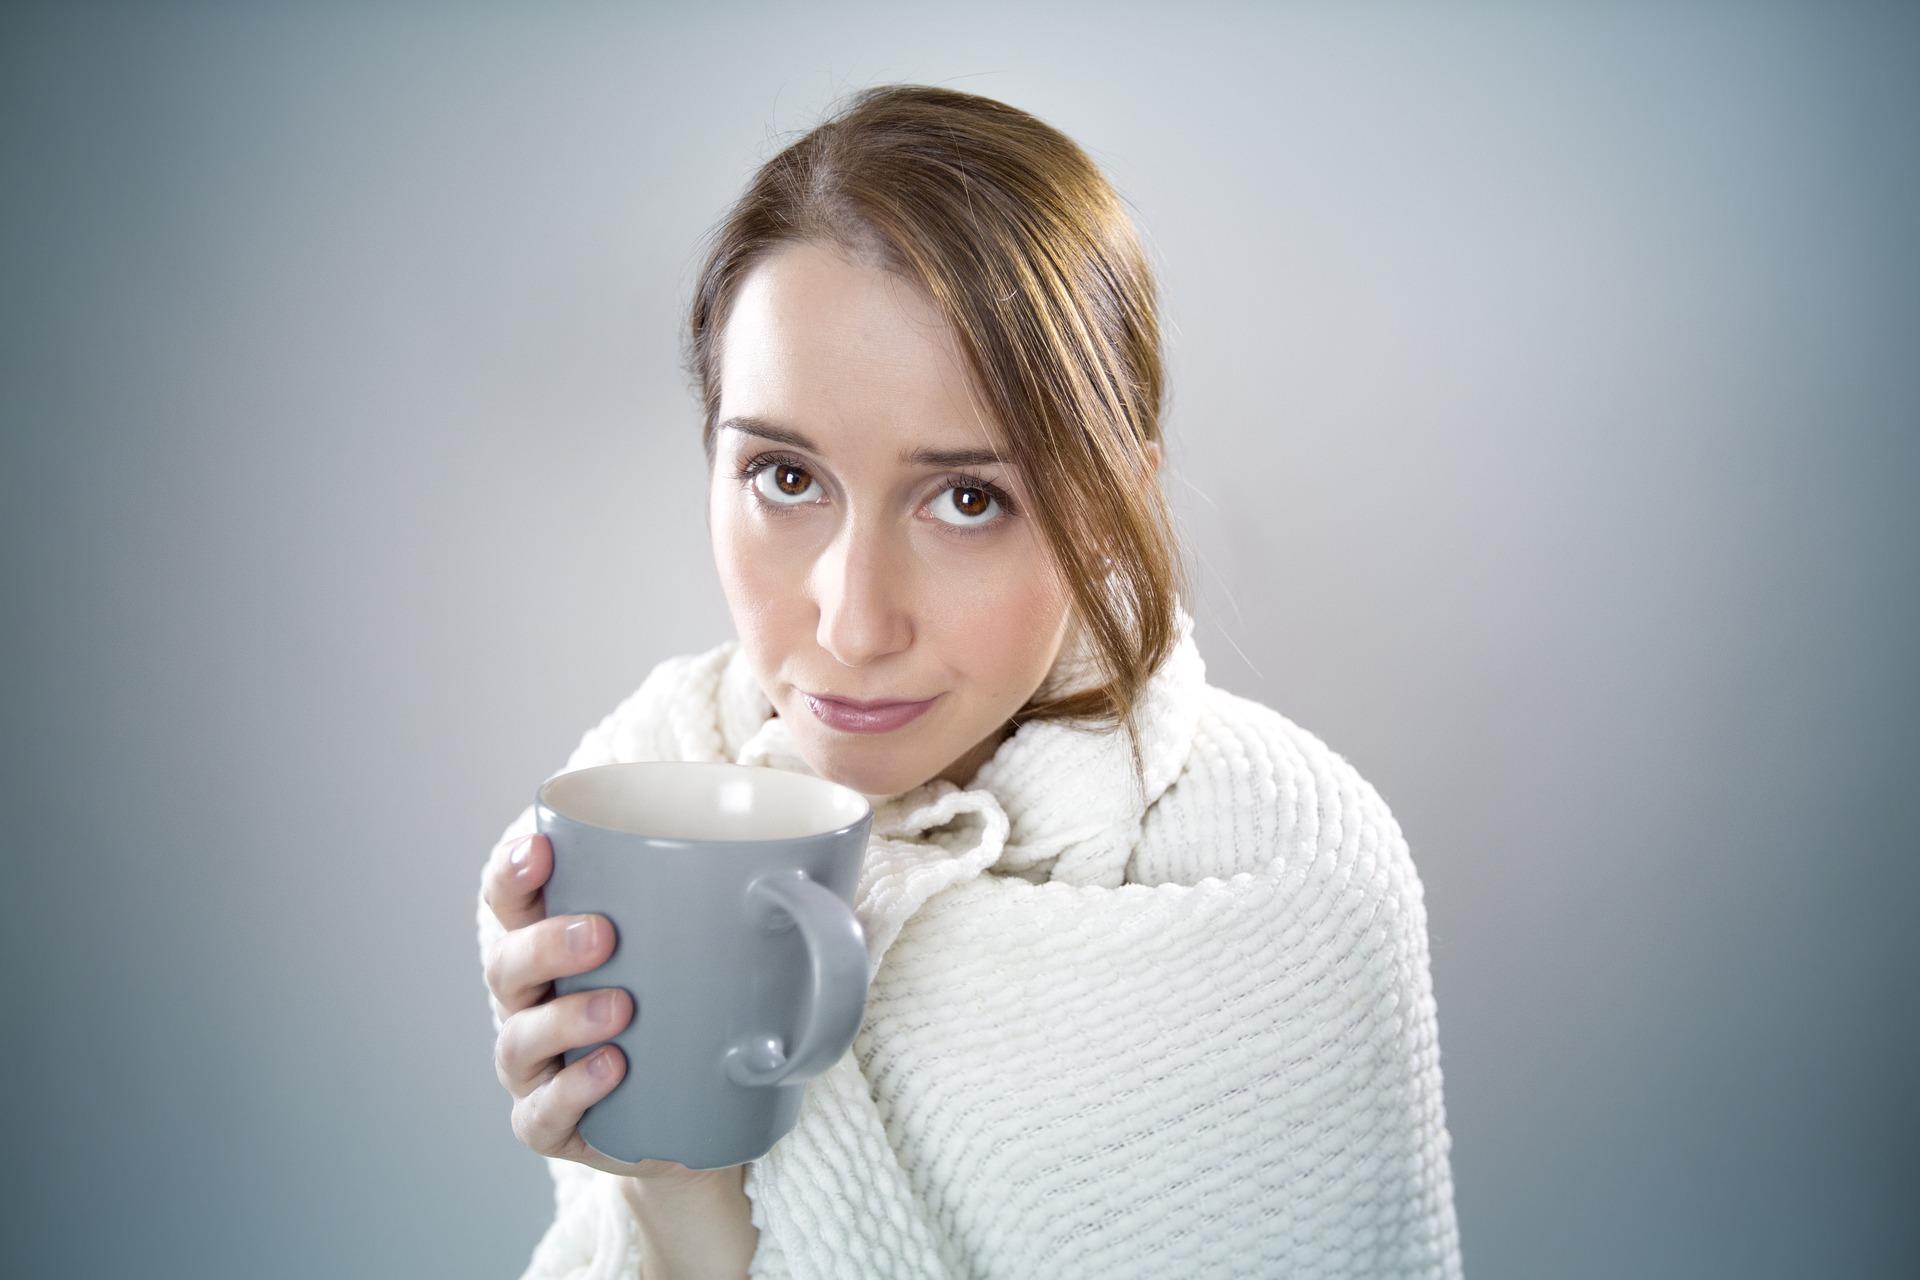 妊活・妊娠中にコーヒーを飲んでもいいの?